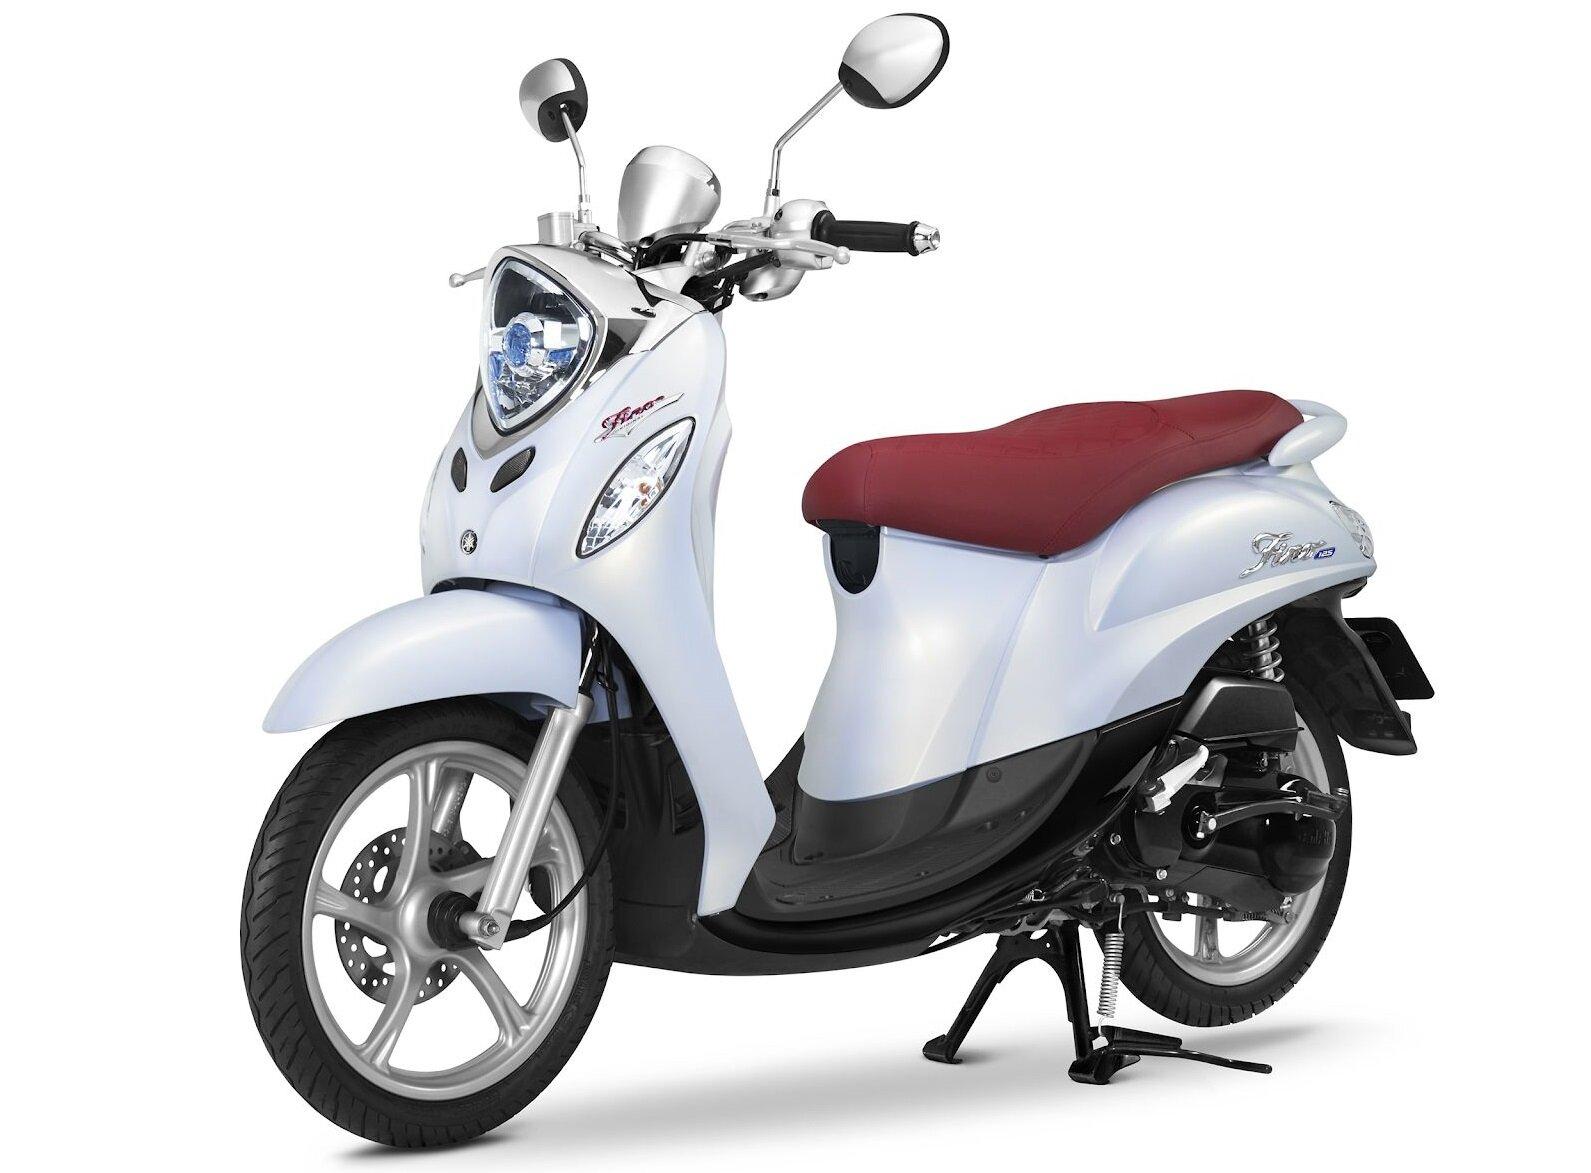 Yamaha Fino thiết kế cá tính phù hợp cho cả nam và nữ